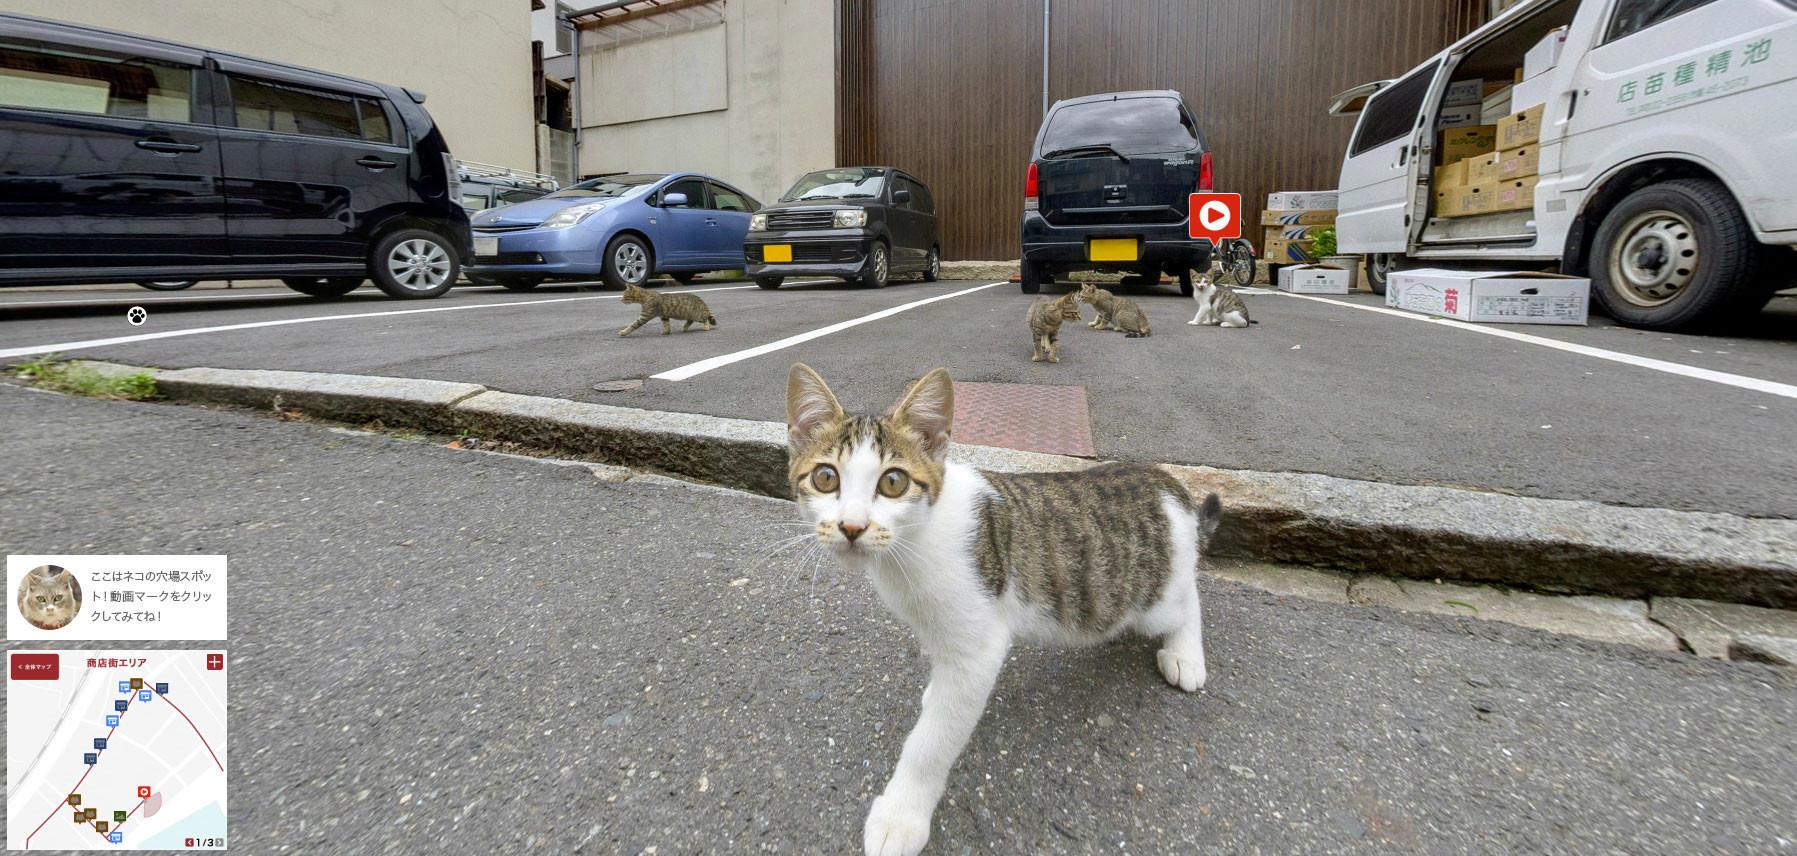 是愛貓人專屬街景地圖,迷你導覽網站 - 廣島縣這篇文章的首圖